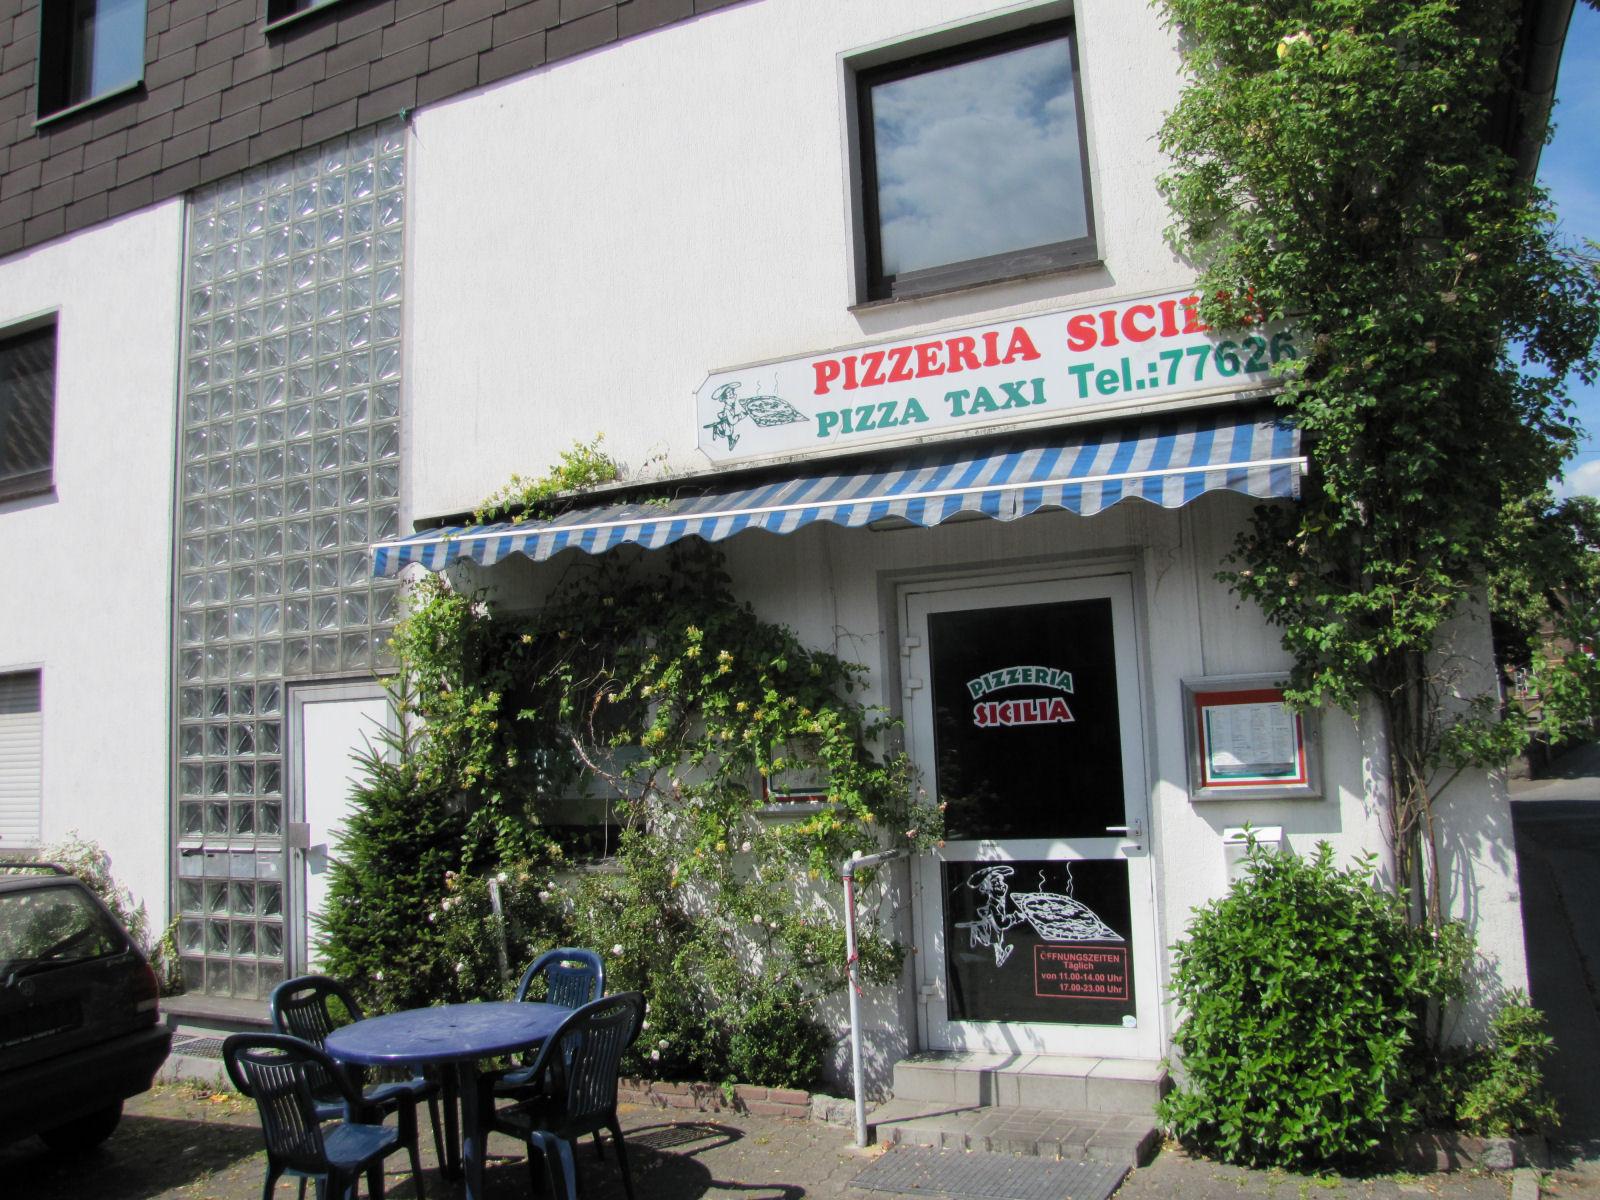 Altes Brauhaus Lembeck, Pizzeria Sicilia